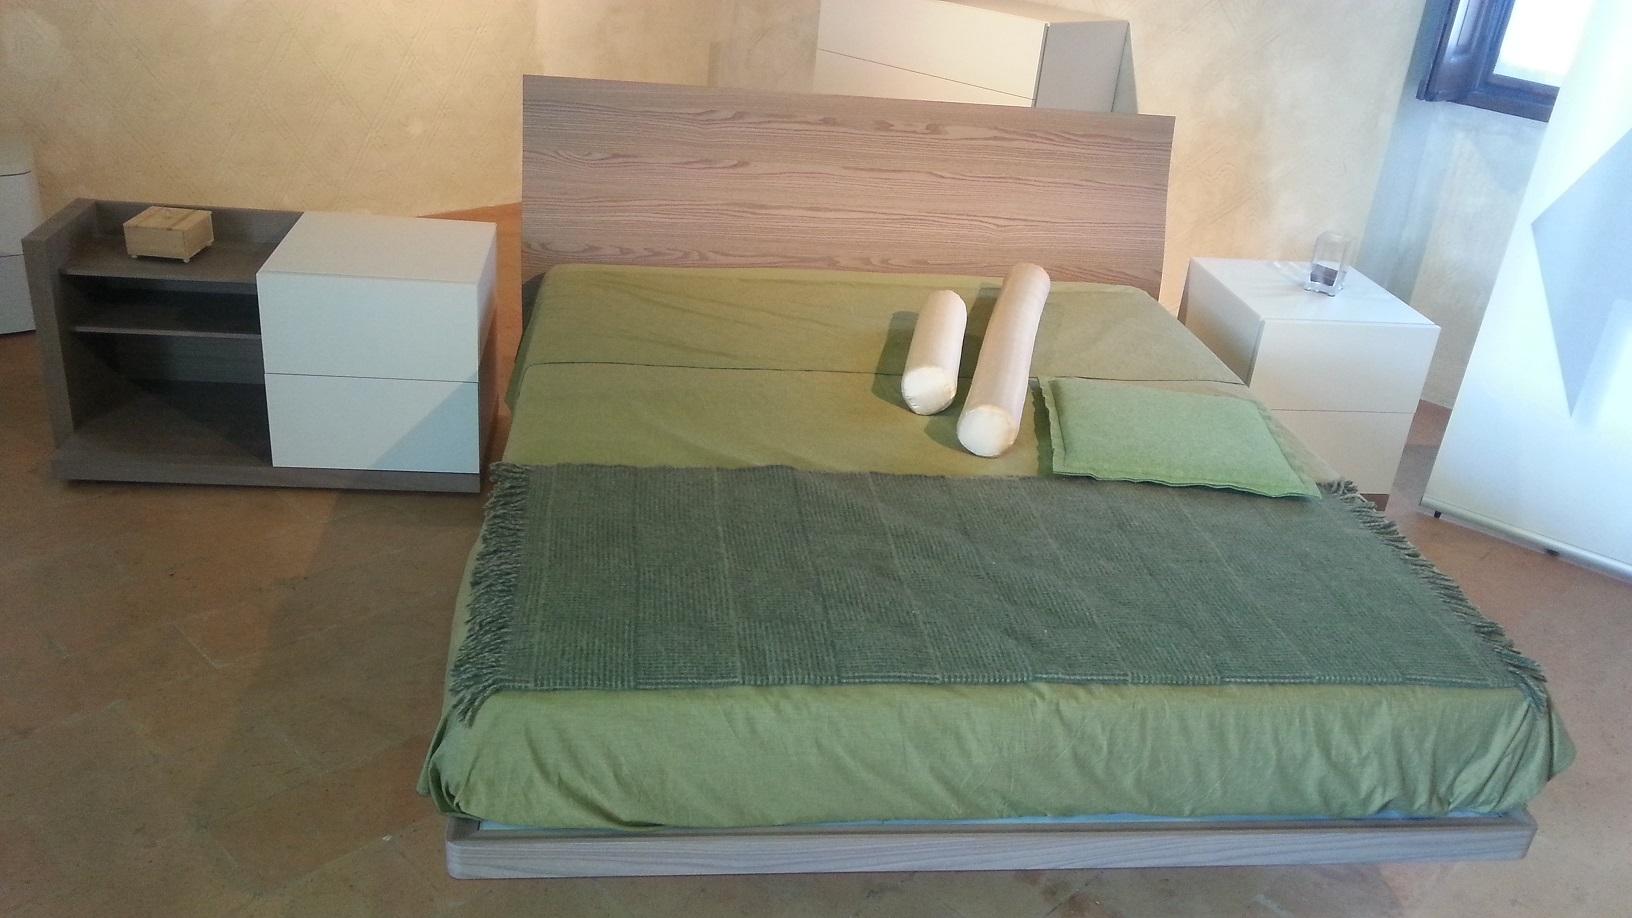 Camera caccaro letto moderne legno camere a prezzi scontati - Camera letto legno ...